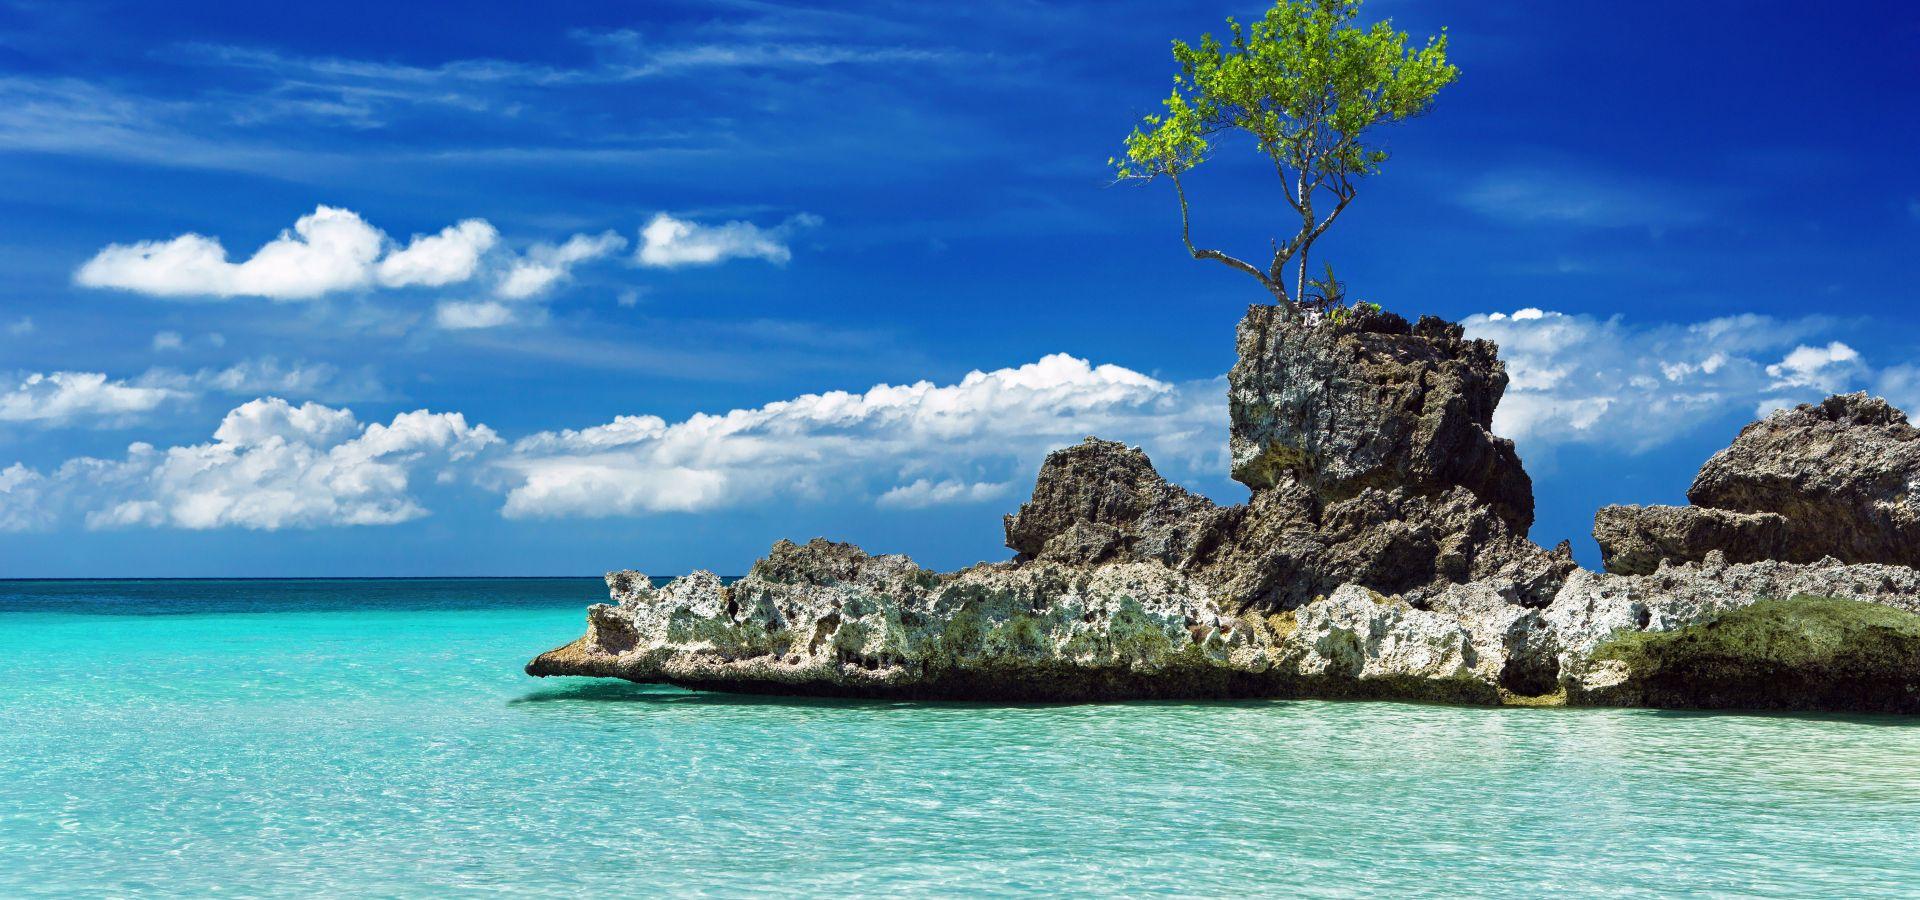 جزیره Boracay در فیلیپین